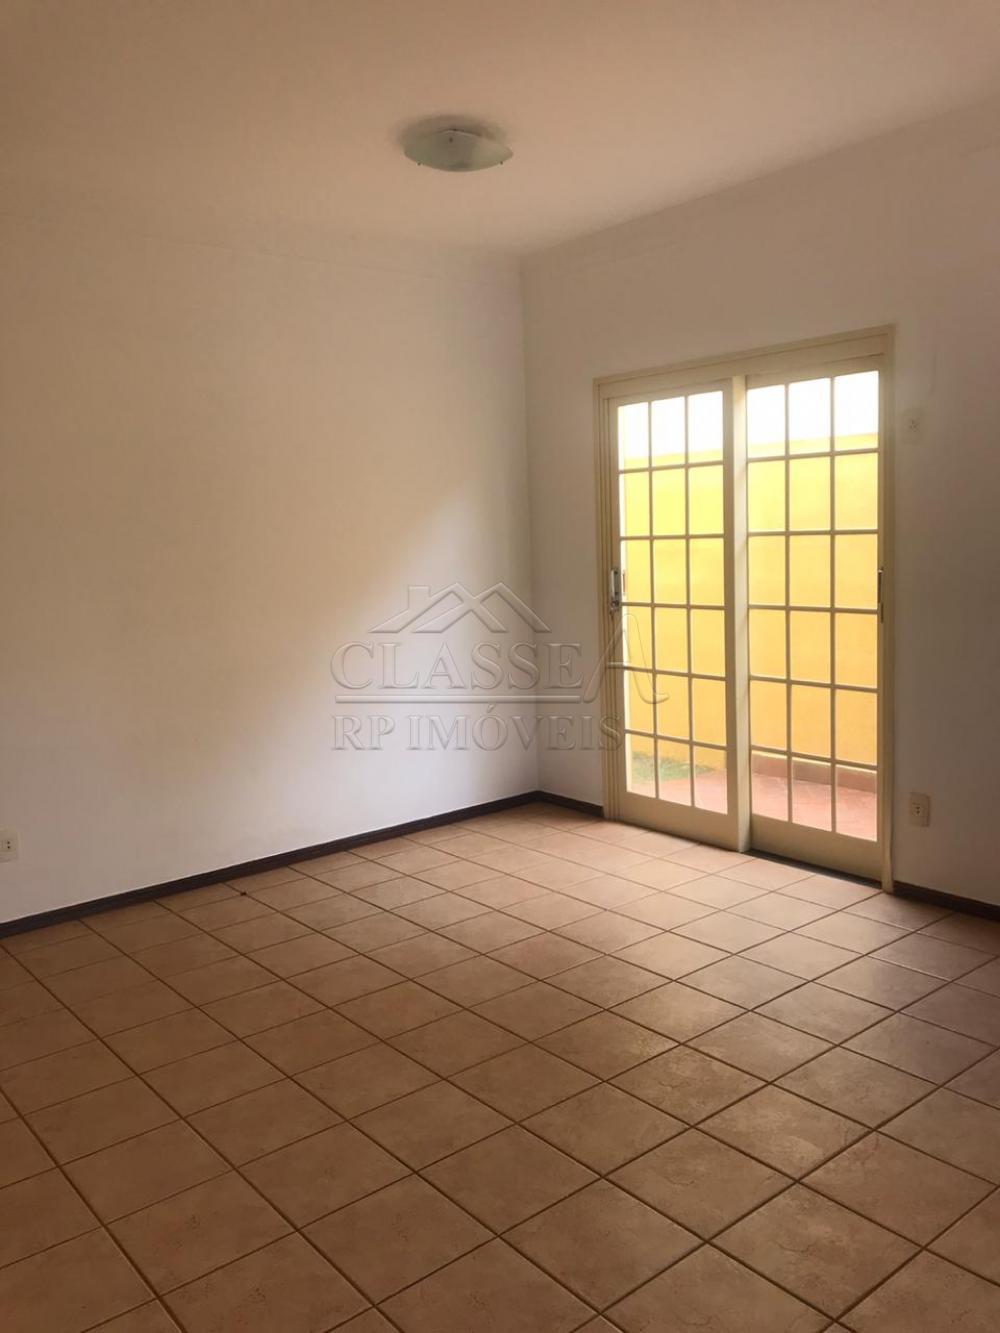 Comprar Casa / Condomínio - térrea em Ribeirão Preto apenas R$ 568.500,00 - Foto 2